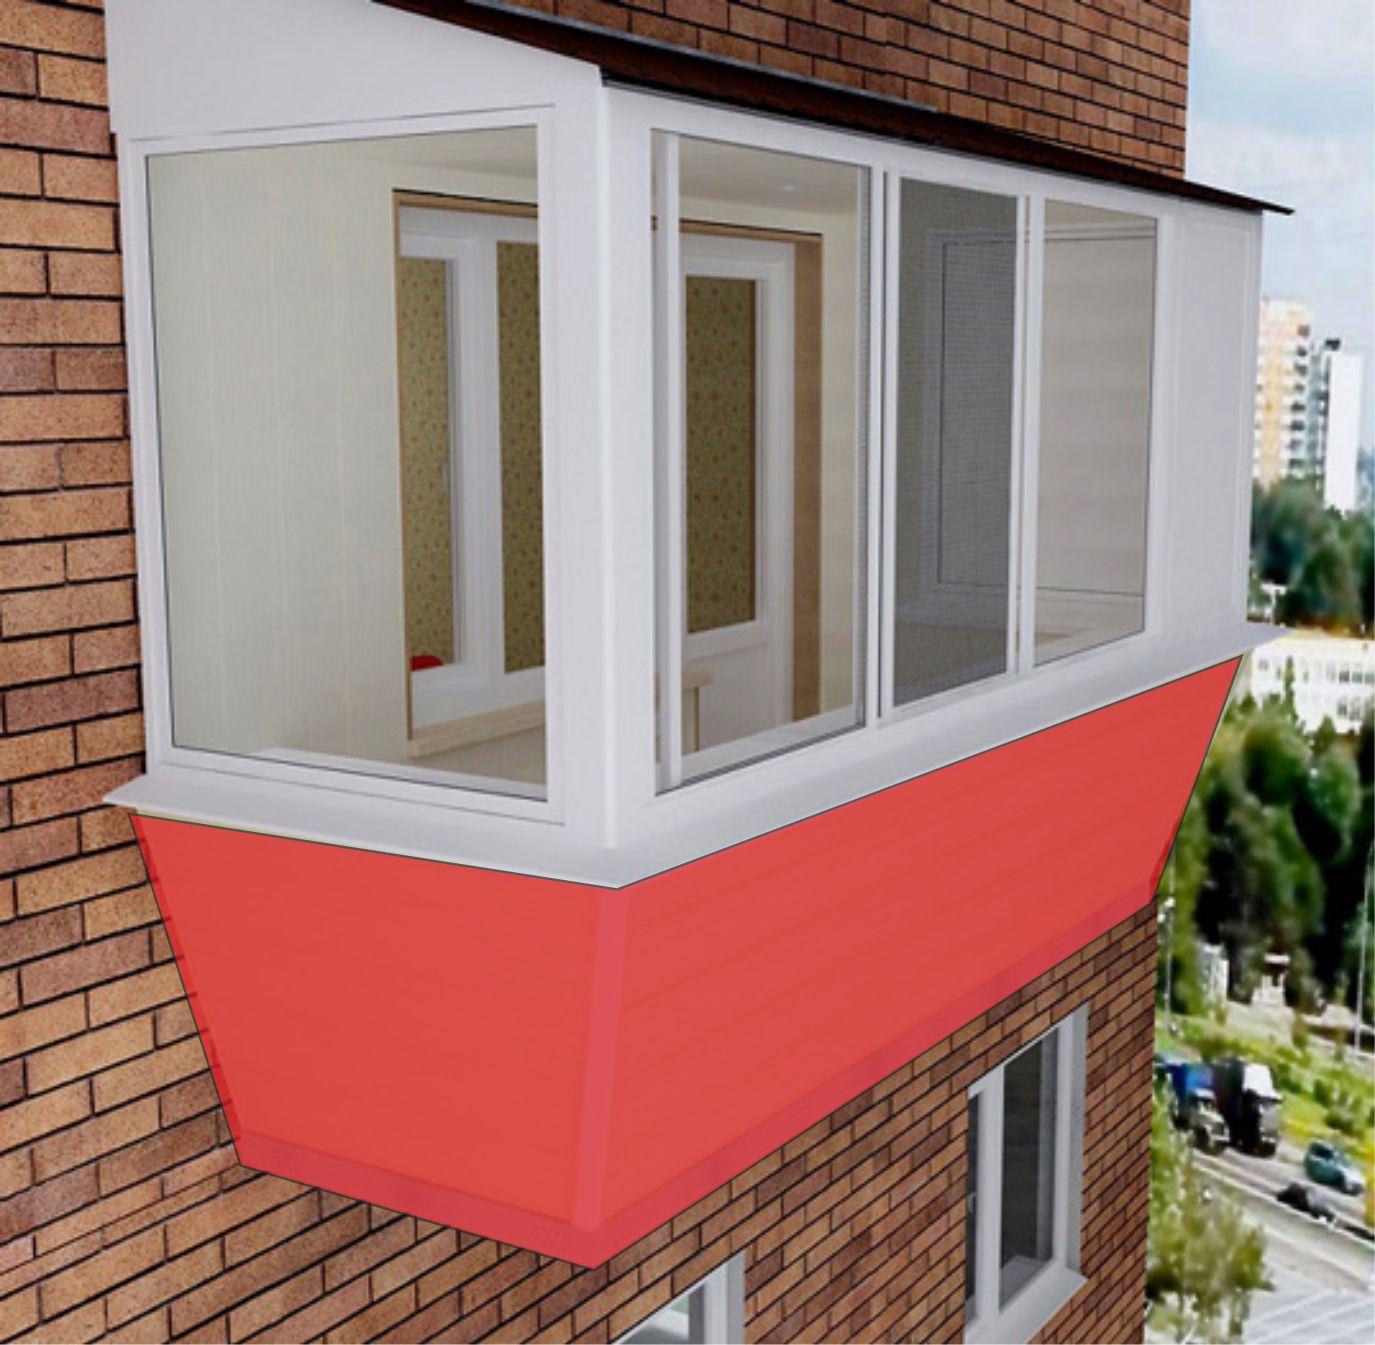 Балконы северодвинка брежневка цены - ремонт квартир северод.